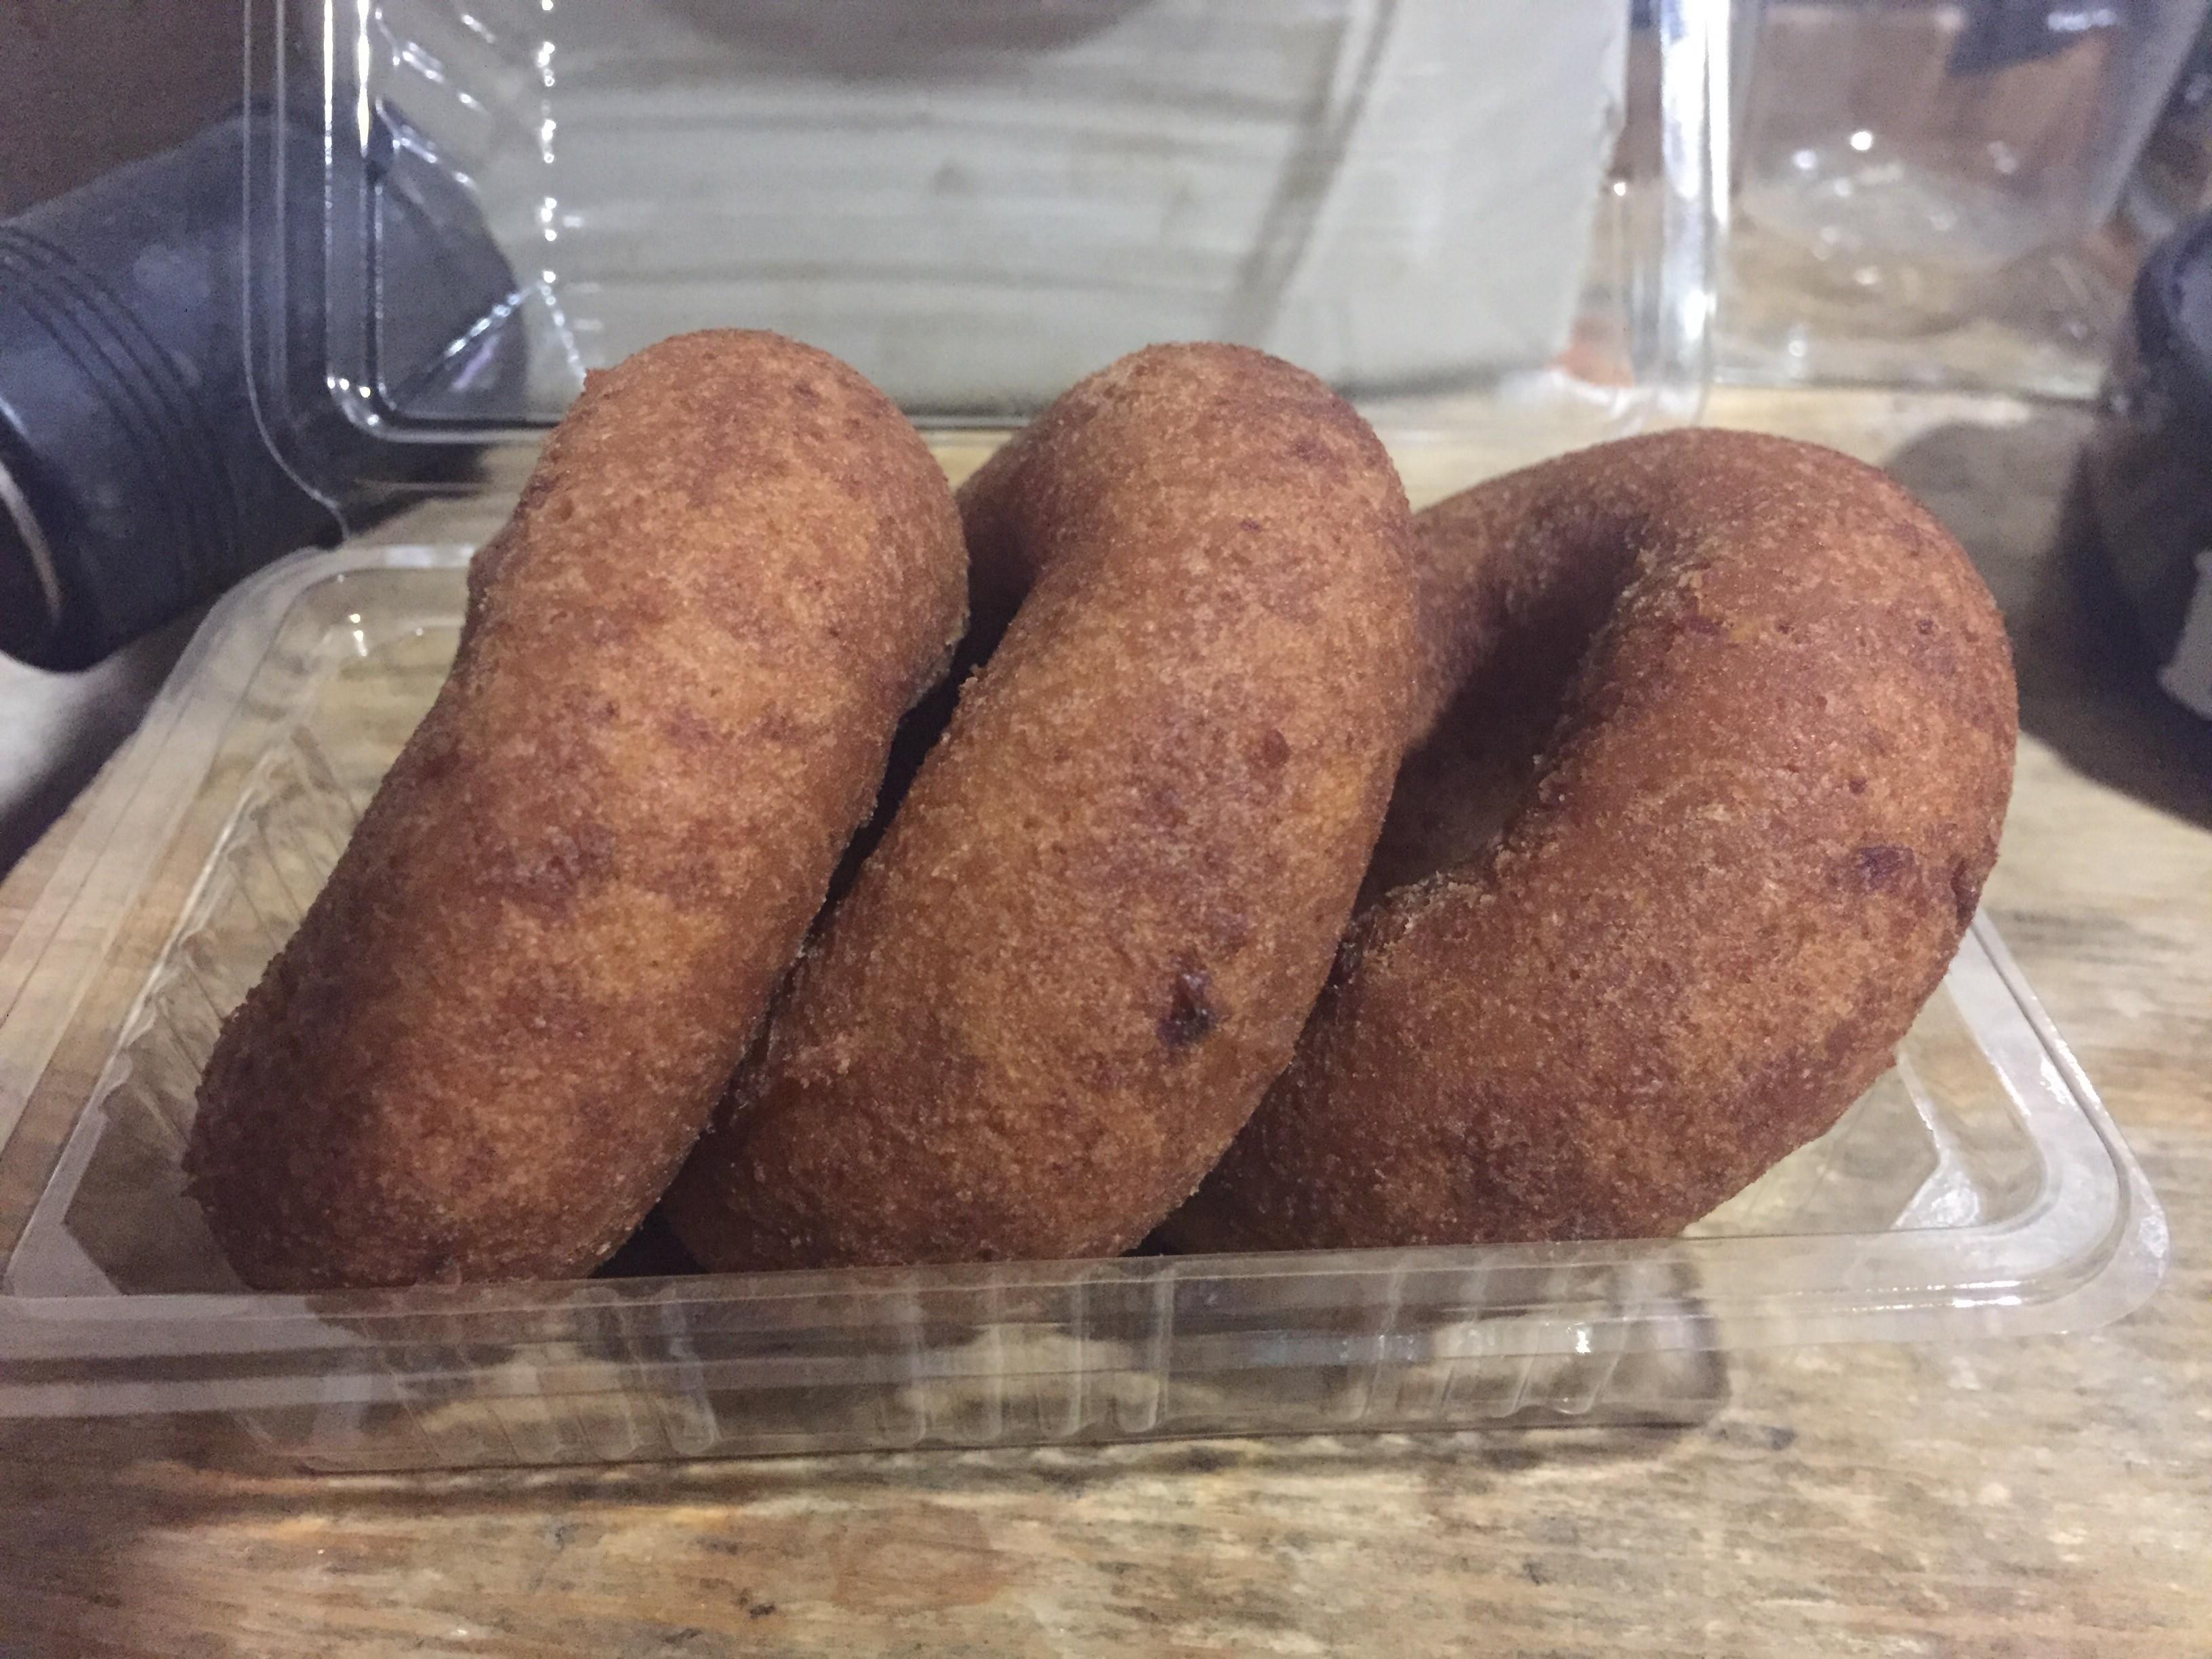 梅ヶ丘の豆腐屋さんのおからドーナツ(^^)